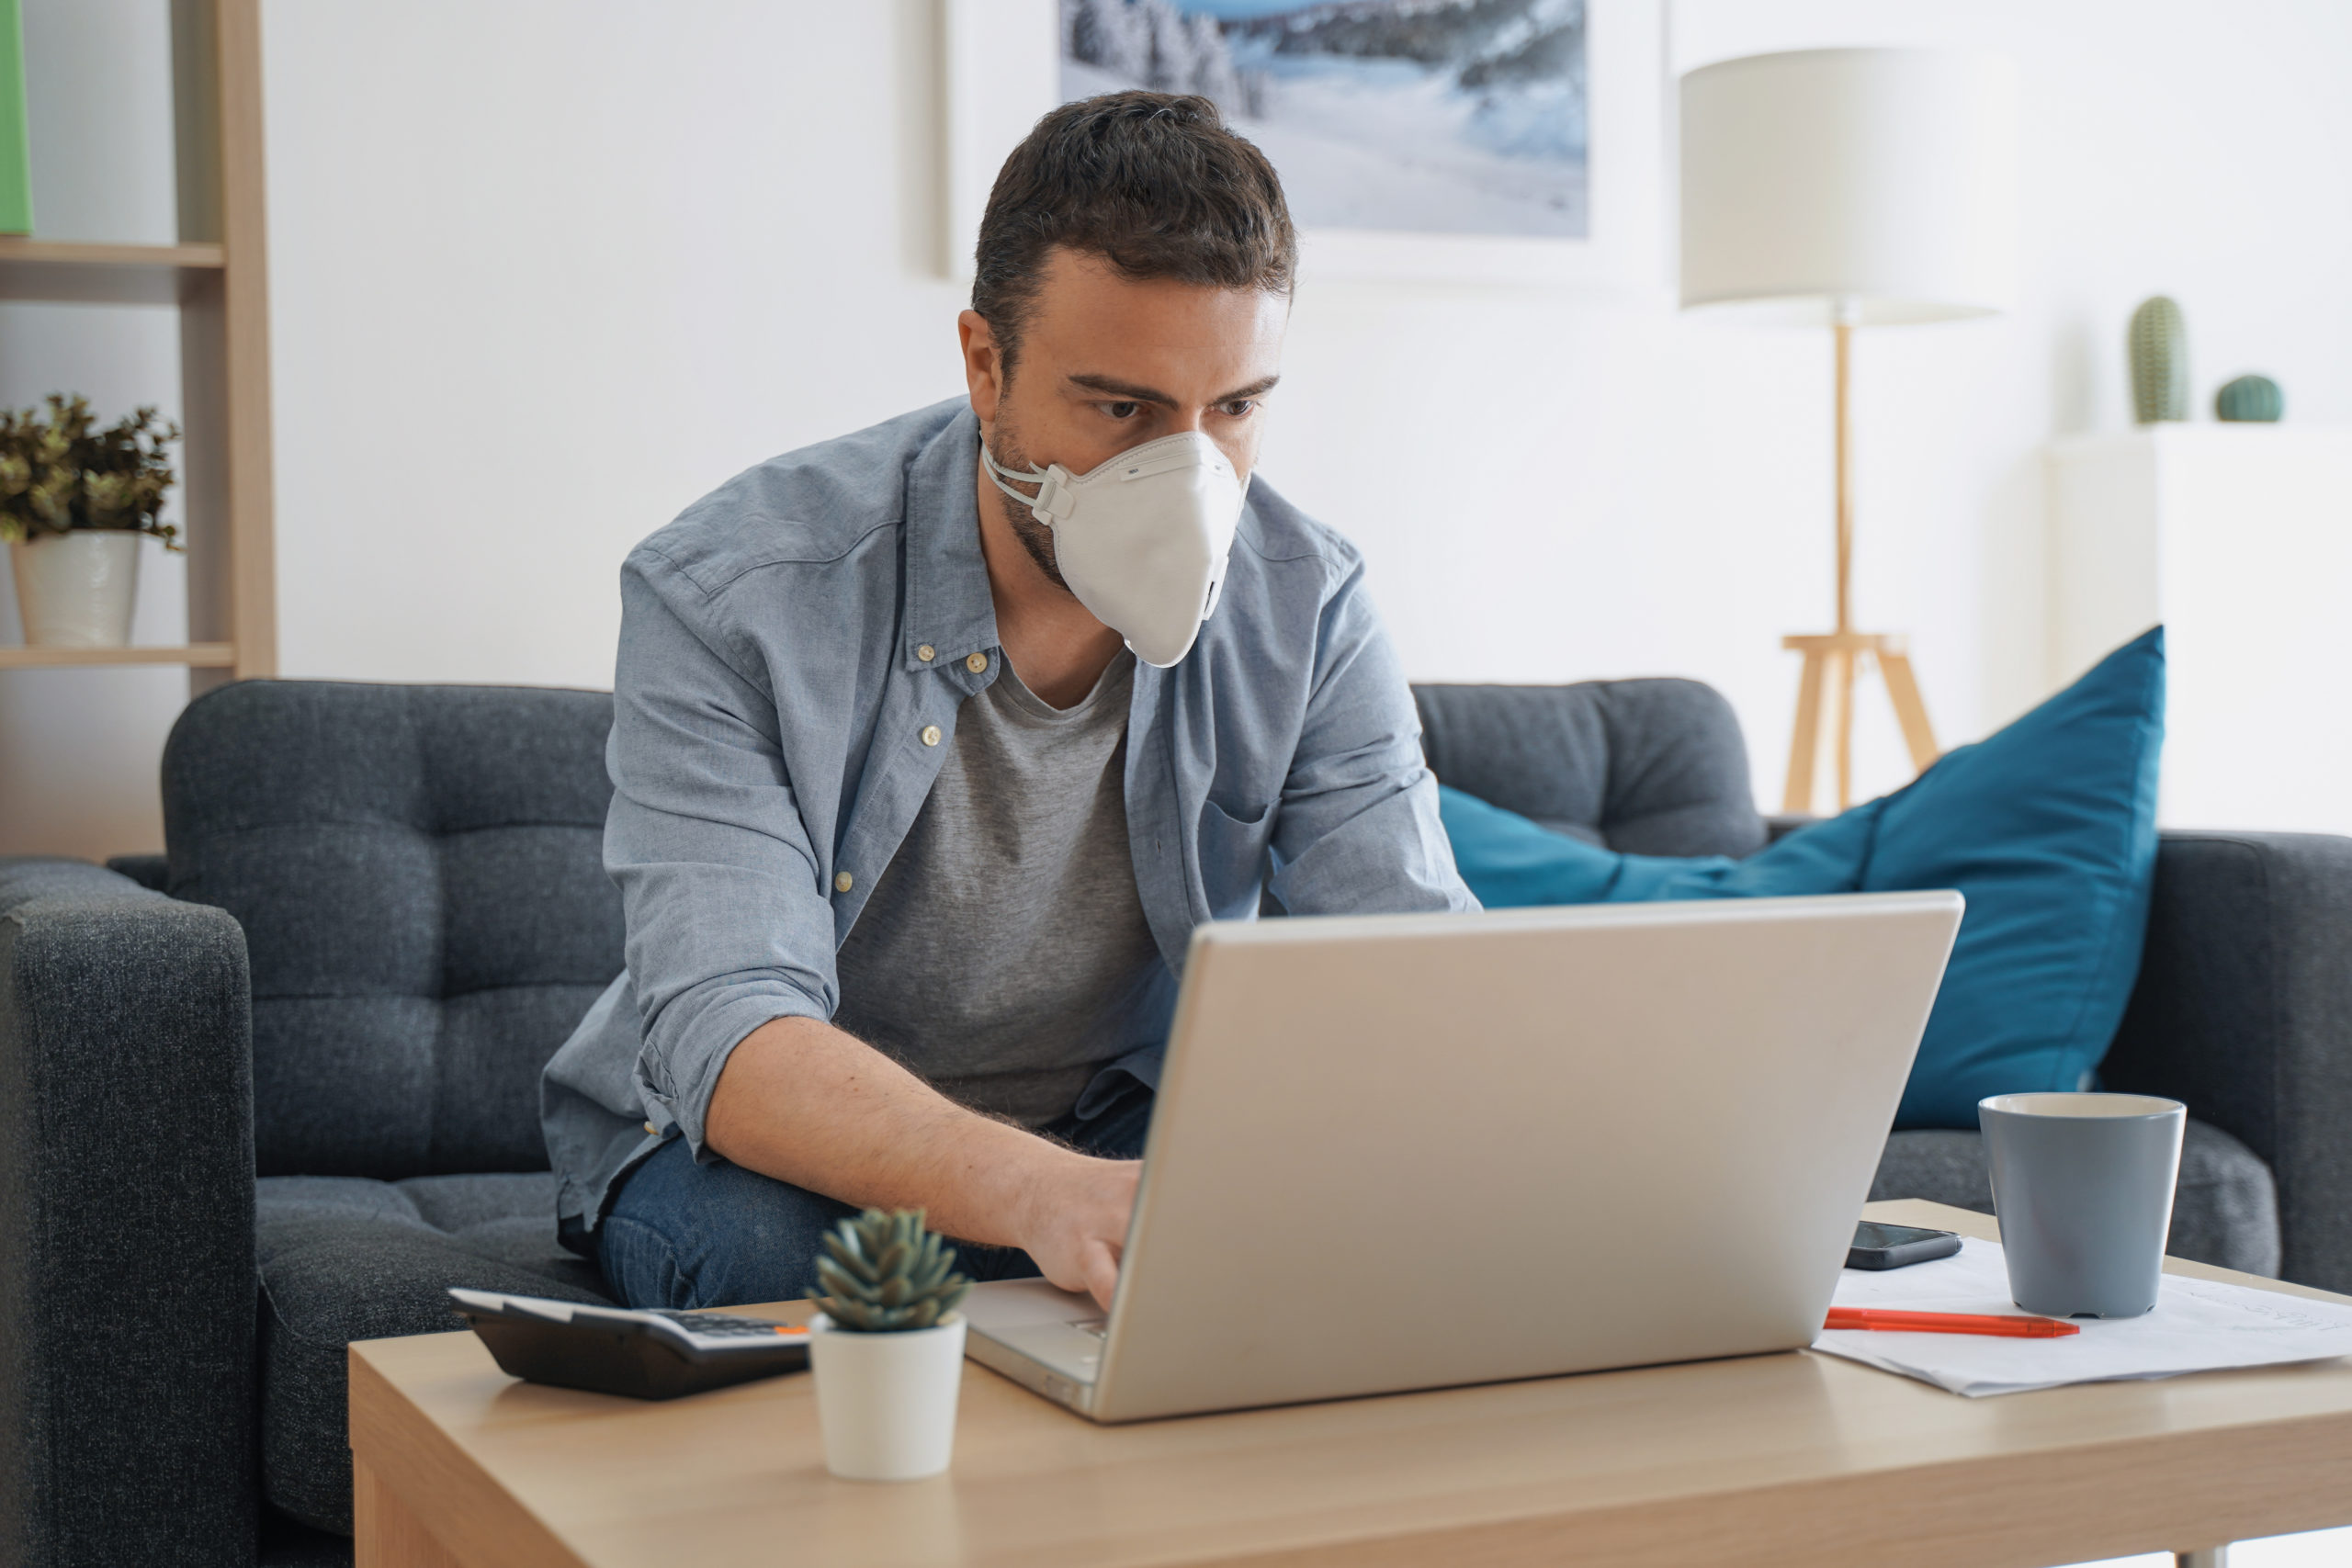 Arbeitnehmer und Corona: Ein Mann trägt einen weißen Mundschutz, sitzt auf dem Sofa und arbeitet am Laptop.